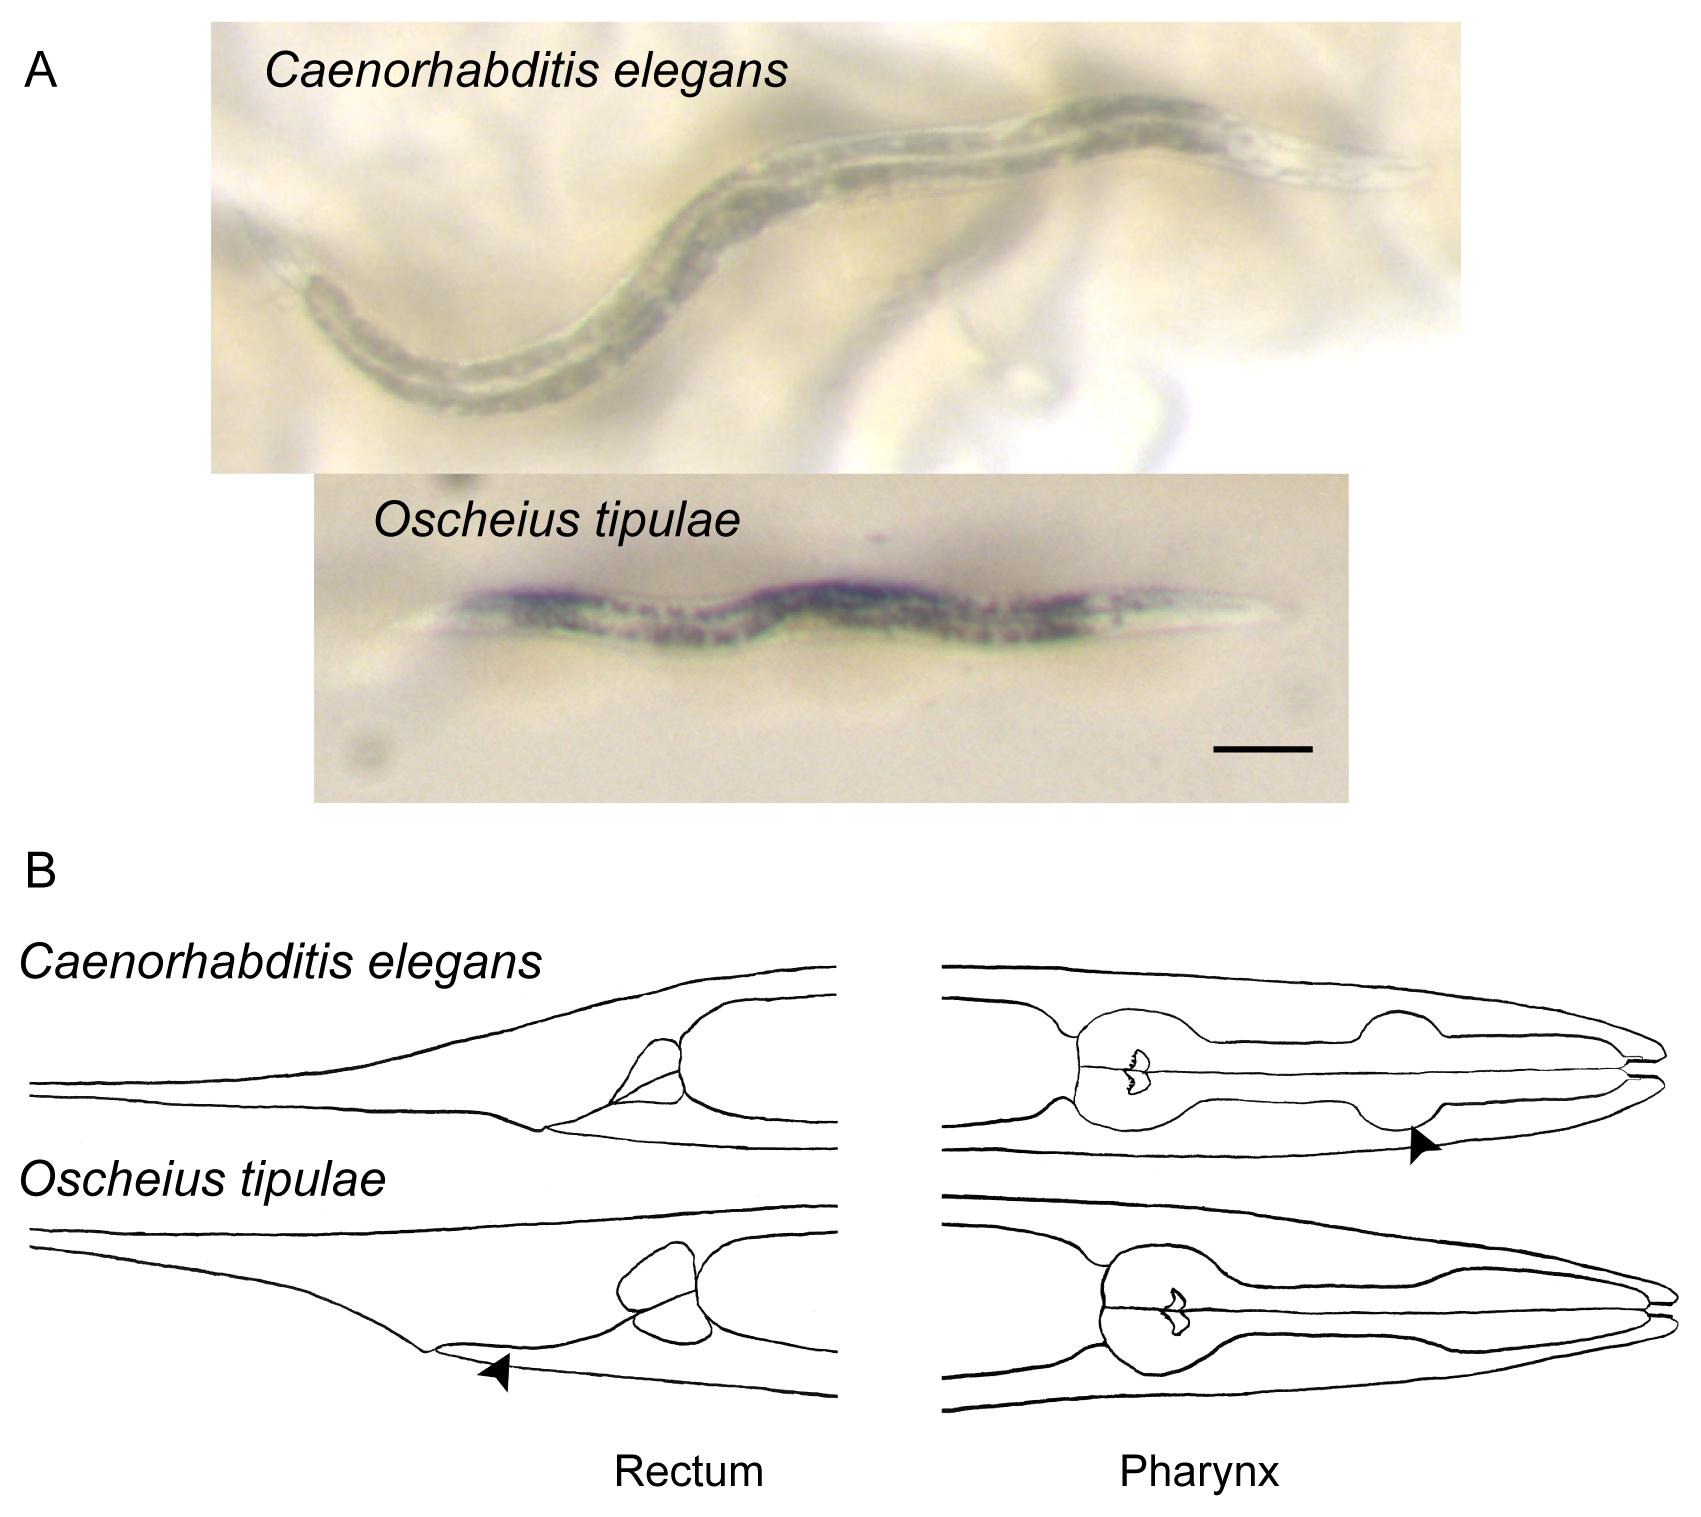 Dezvoltarea nematodului uman. Traducere